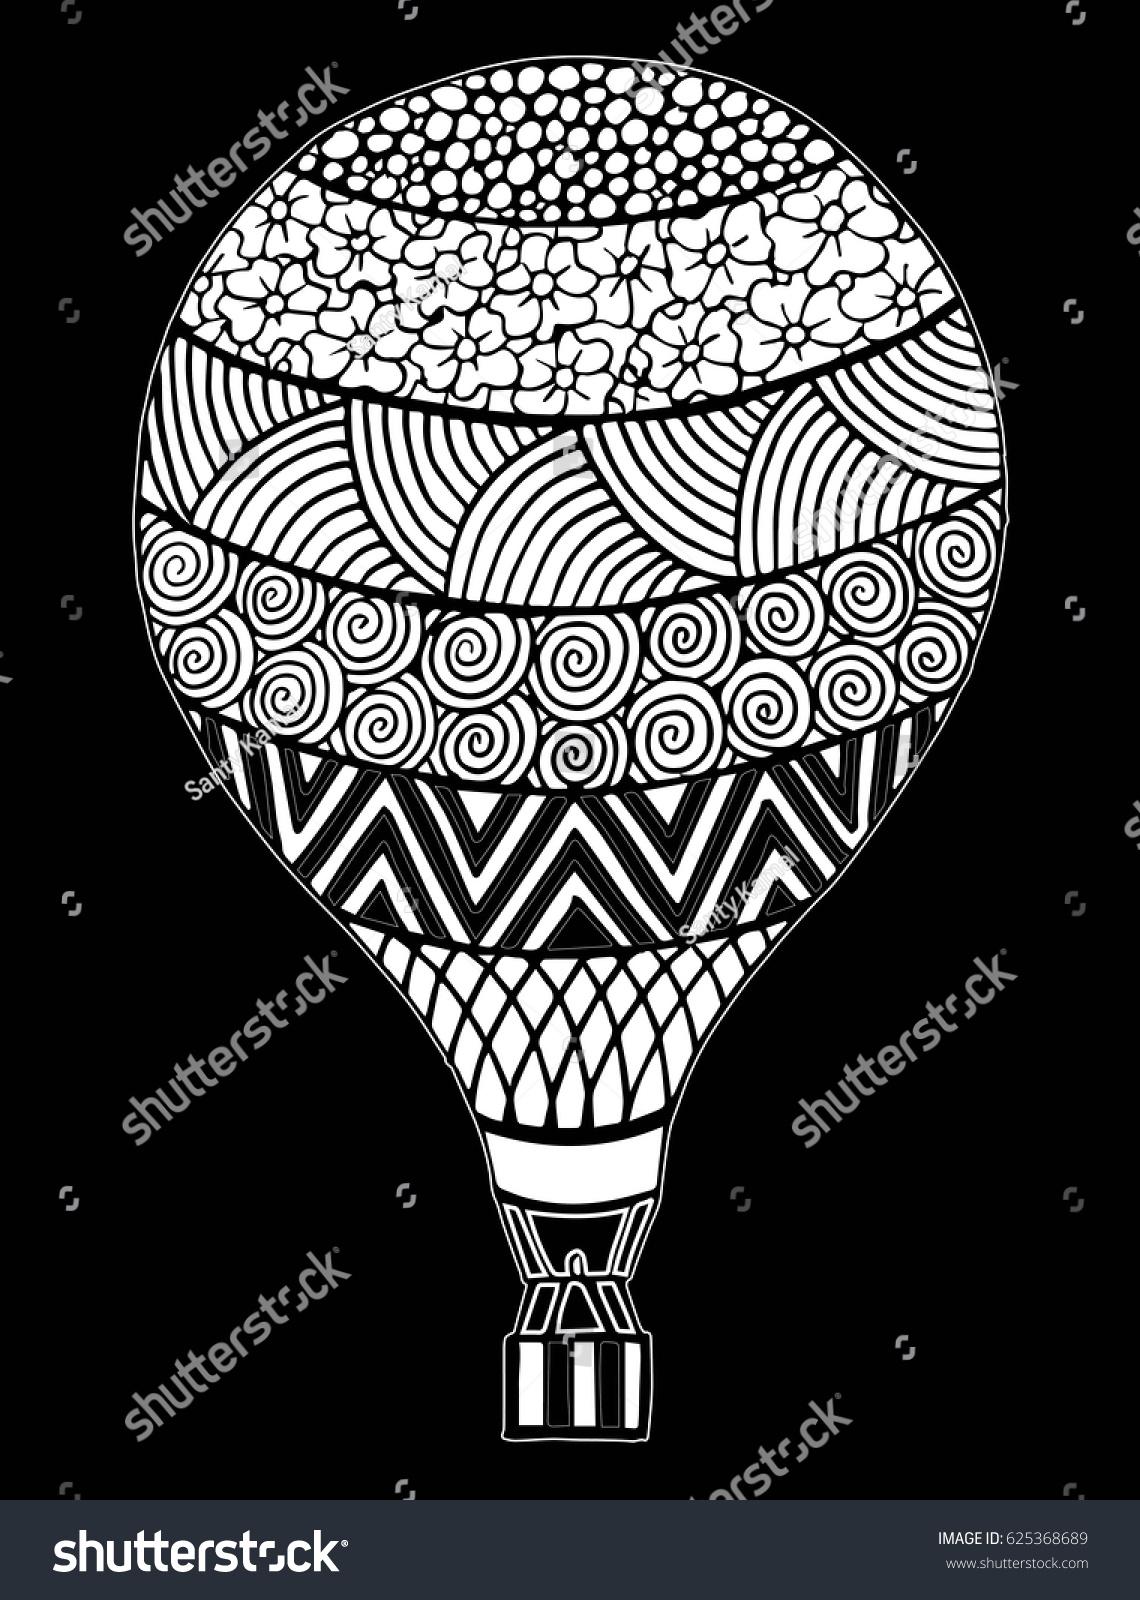 Hot Air Balloon Vector Zentangle Doodle Stock Vector 625368689 ...